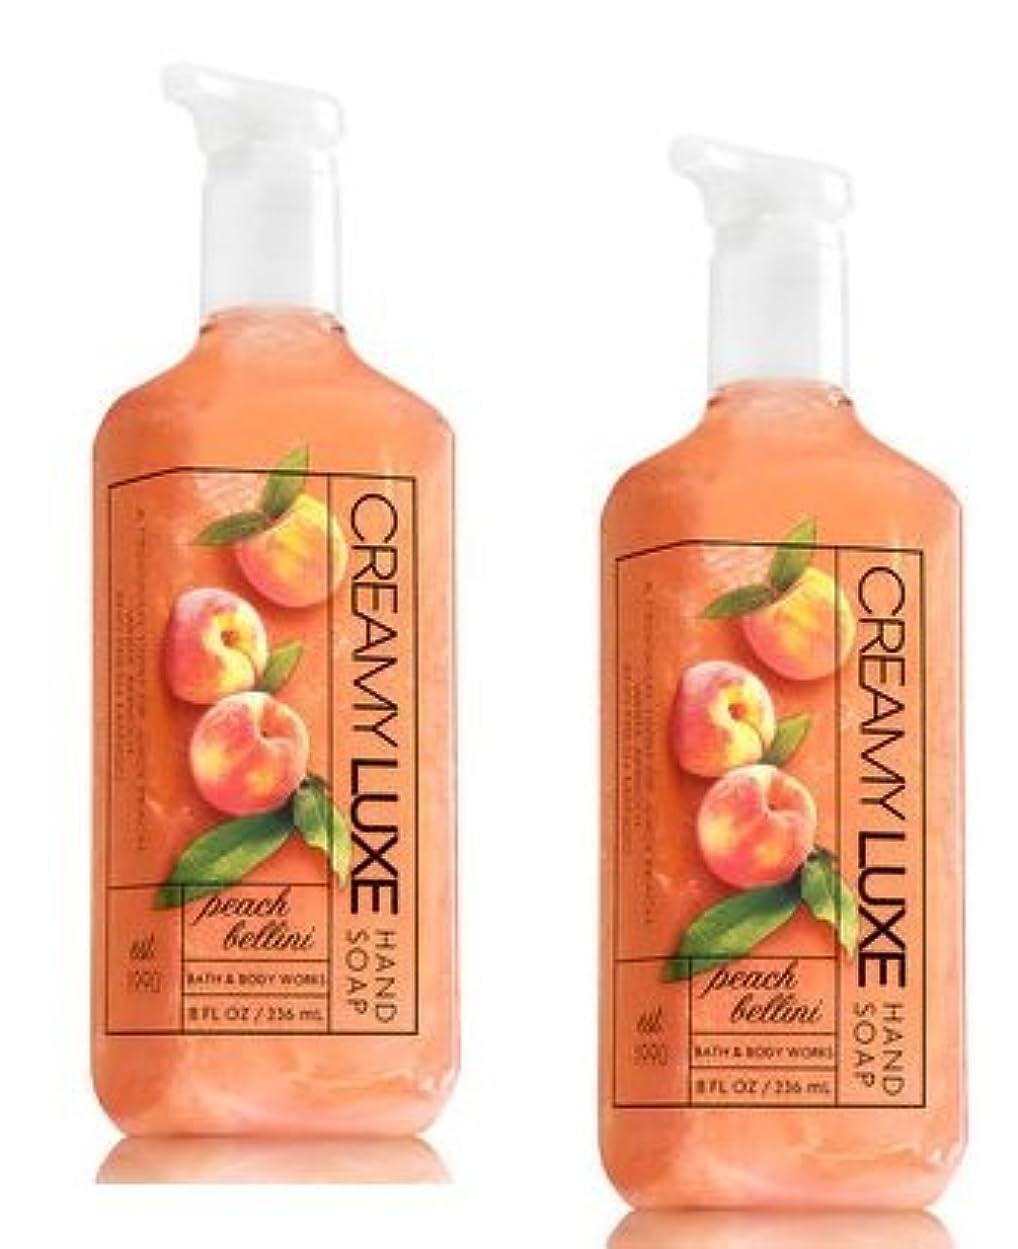 比較的苗訴えるBath & Body Works ピーチベリーニ クリーミー リュクス ハンドソープ 2本セット PEACH BELLINI Creamy Luxe Hand Soap. 8 oz 236ml [並行輸入品]